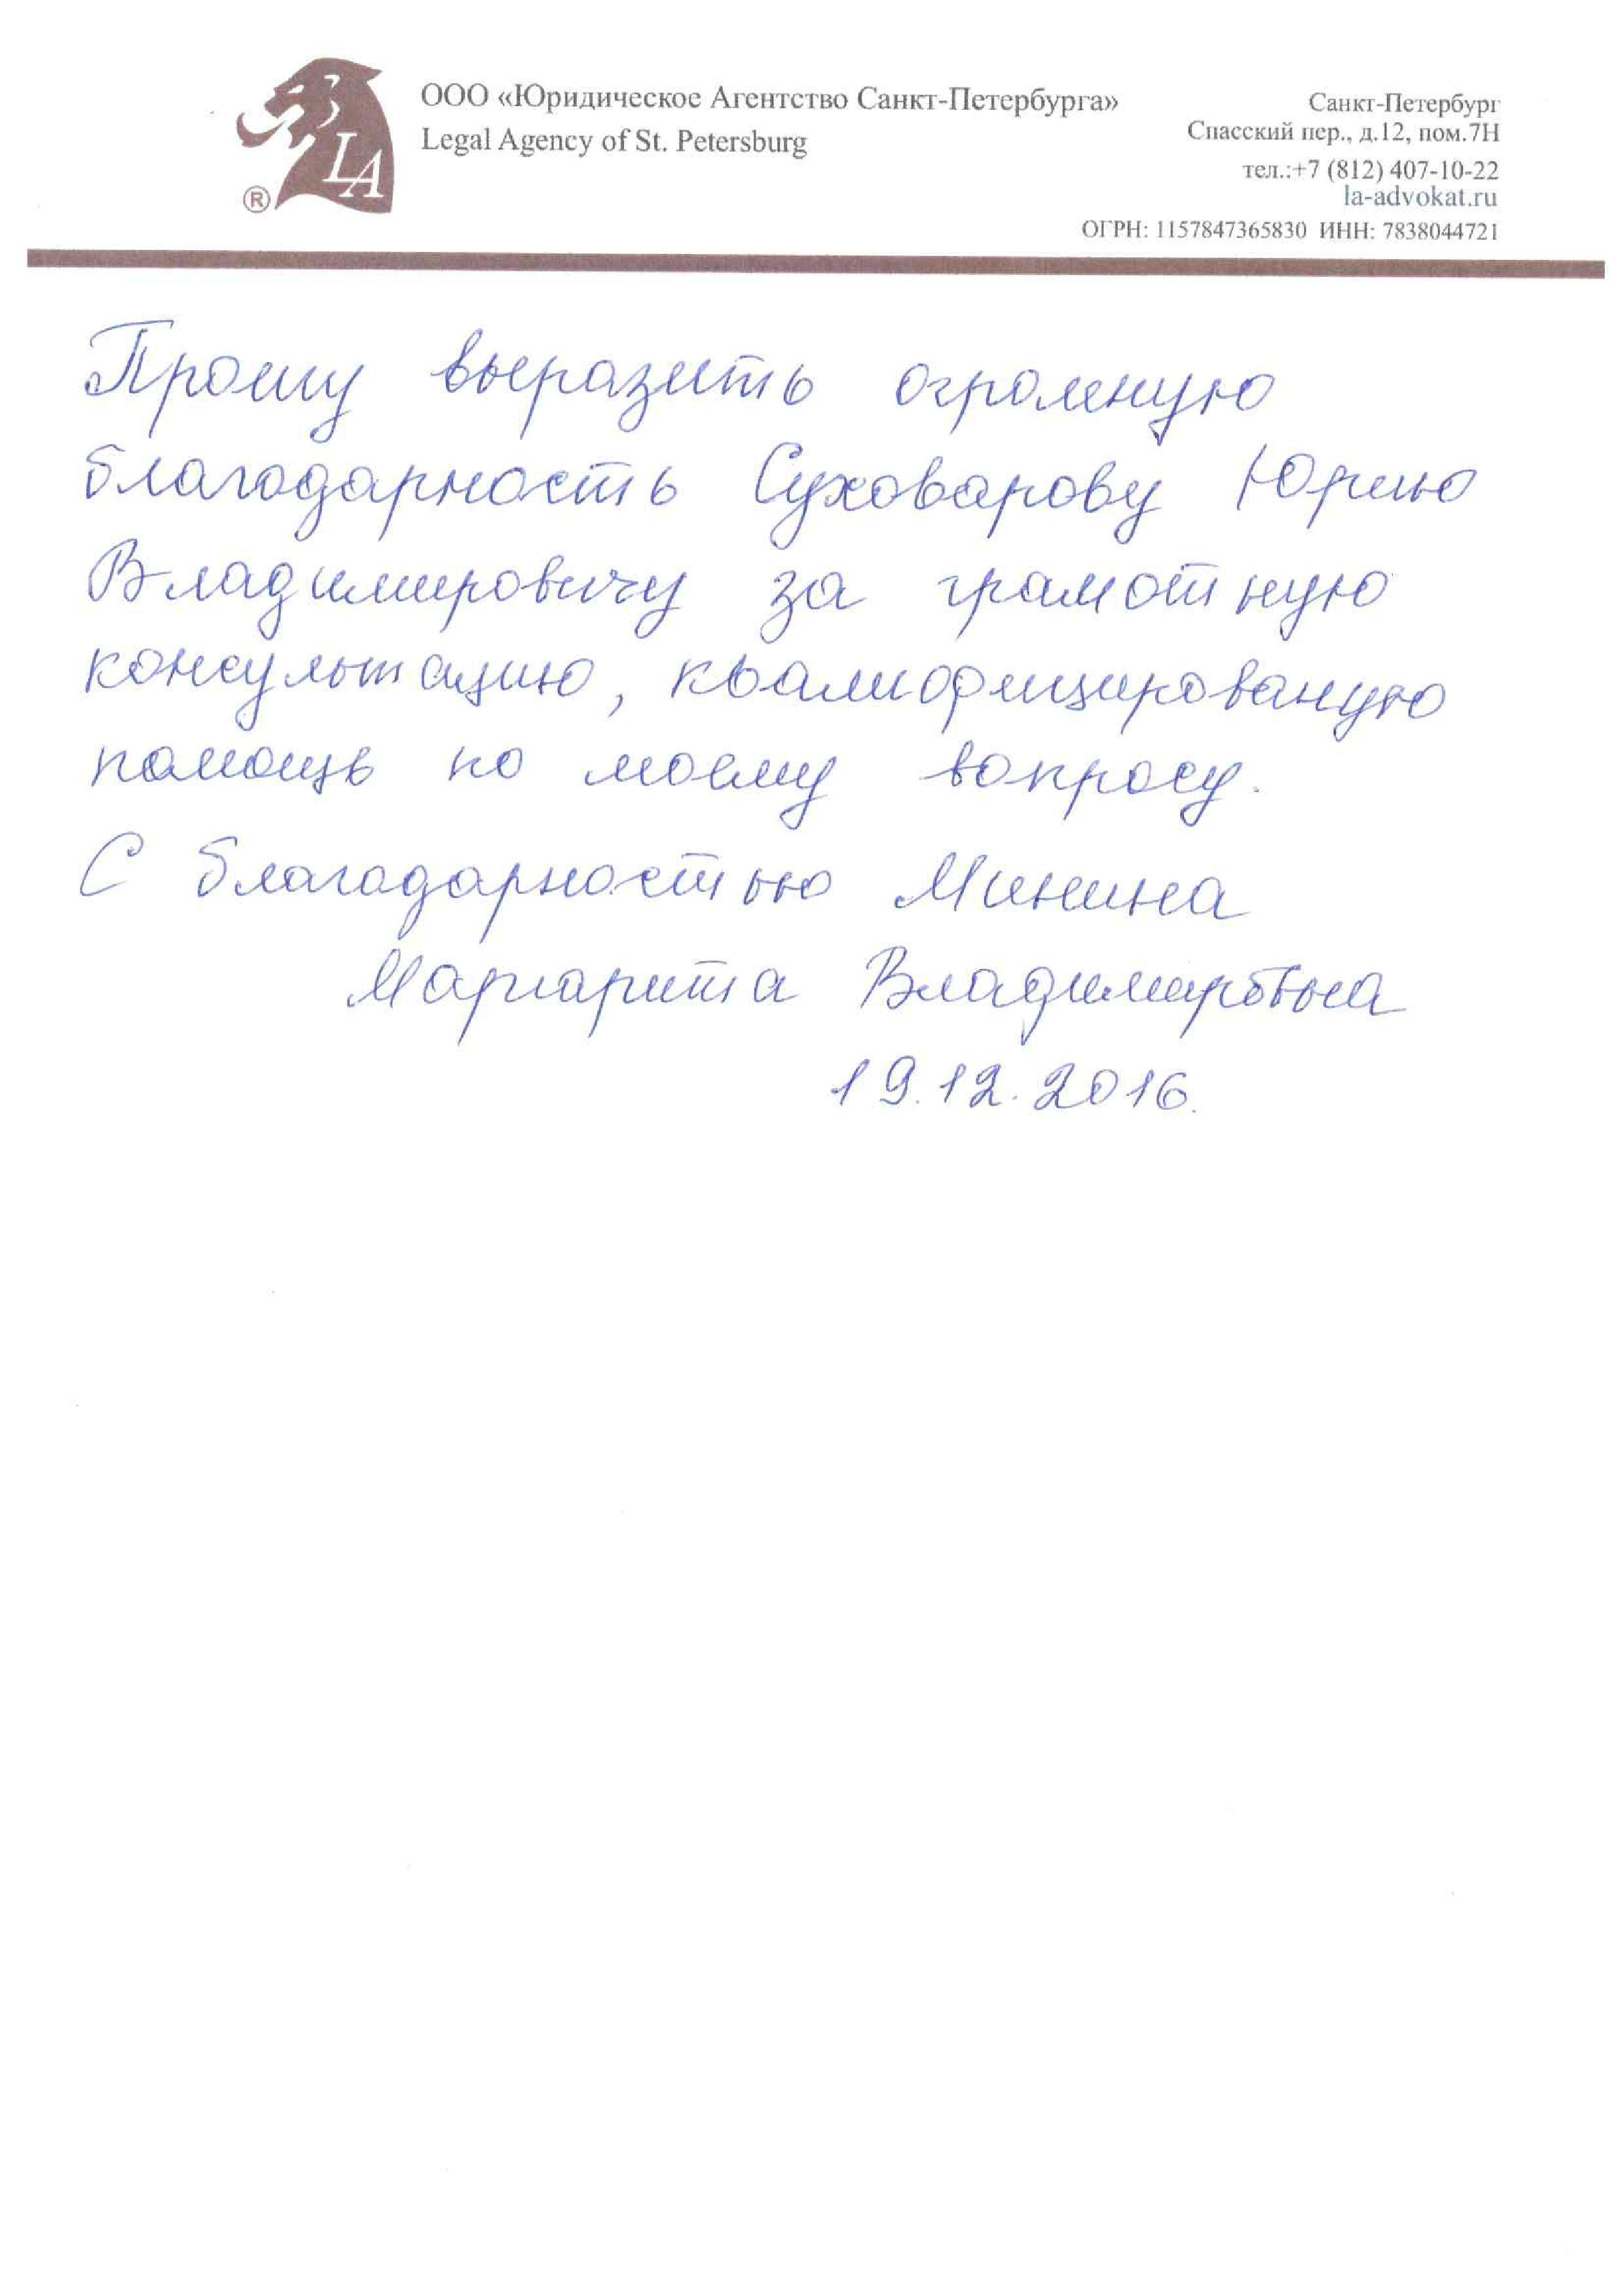 Отзыв Мининой М.В.